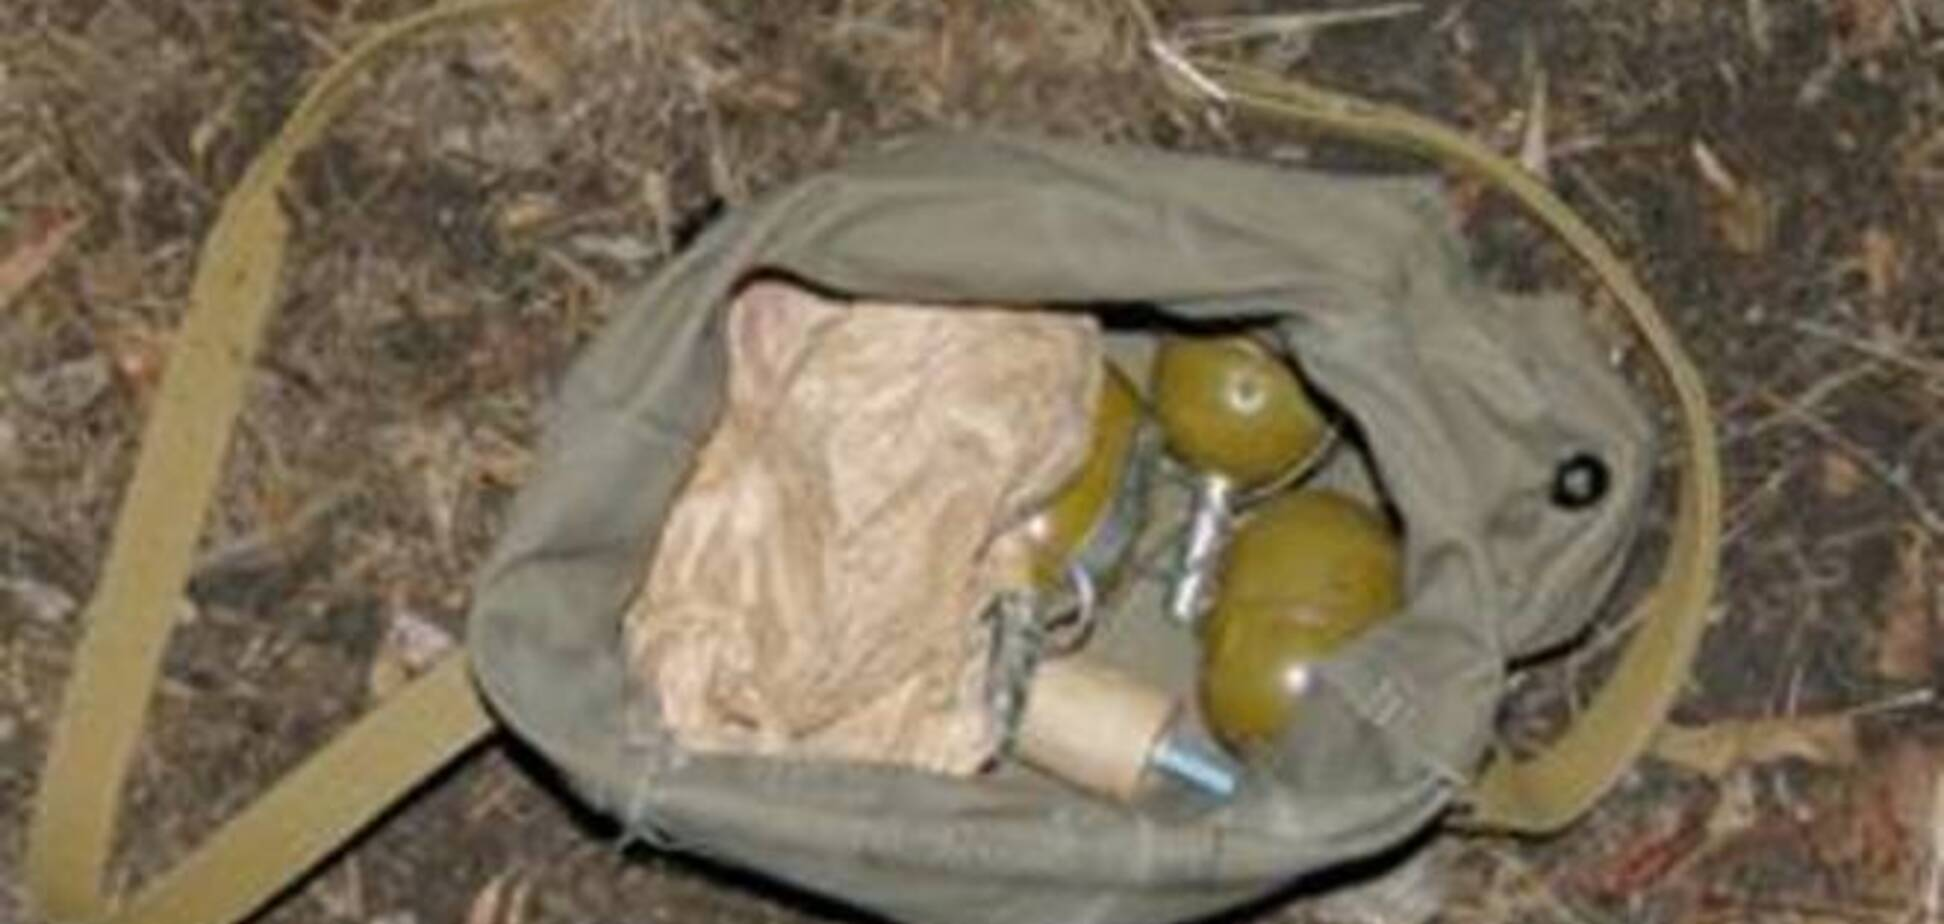 На Черкасщине возле пешеходного моста обнаружена сумка с гранатами и тротилом